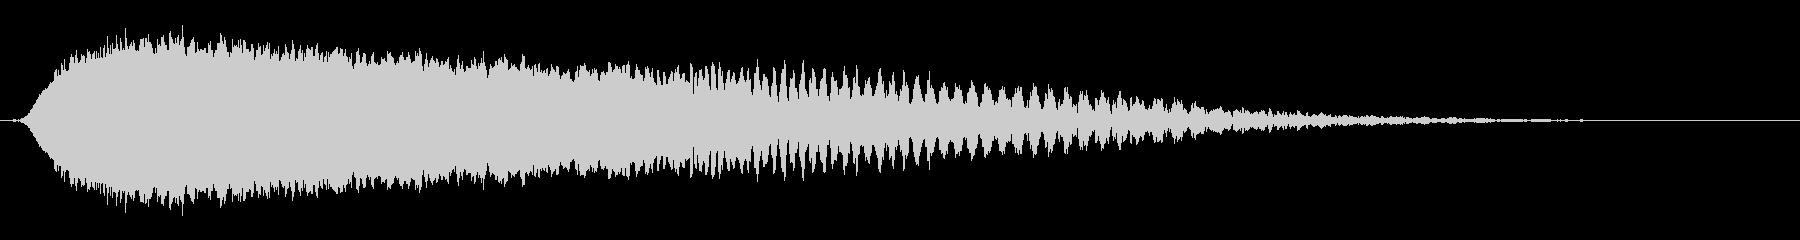 ヒューン②↓(緩やかな落下音・コミカル)の未再生の波形